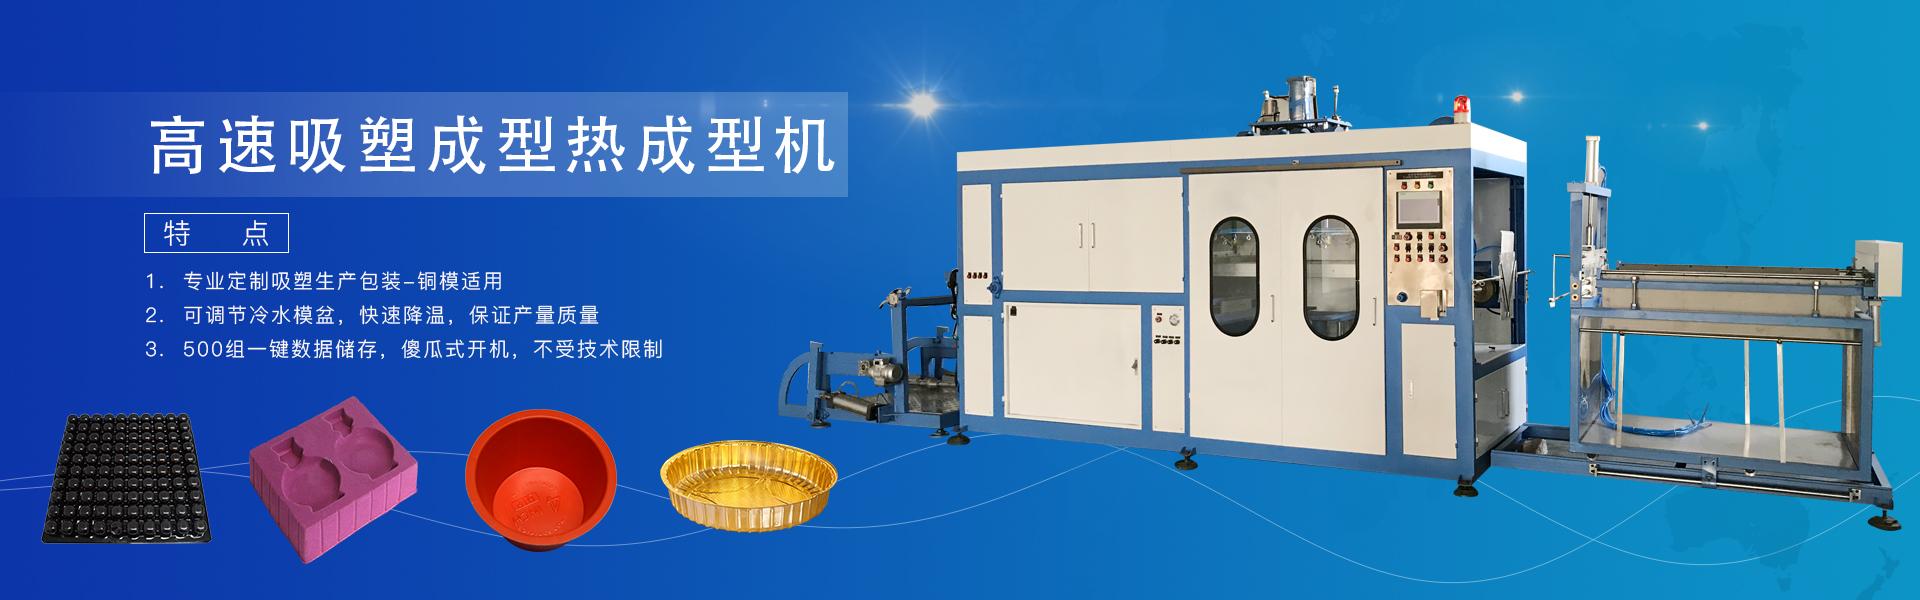 成型版面710-1200mm, ,适用于电子托盘,外包装,ps植绒刀叉托盘